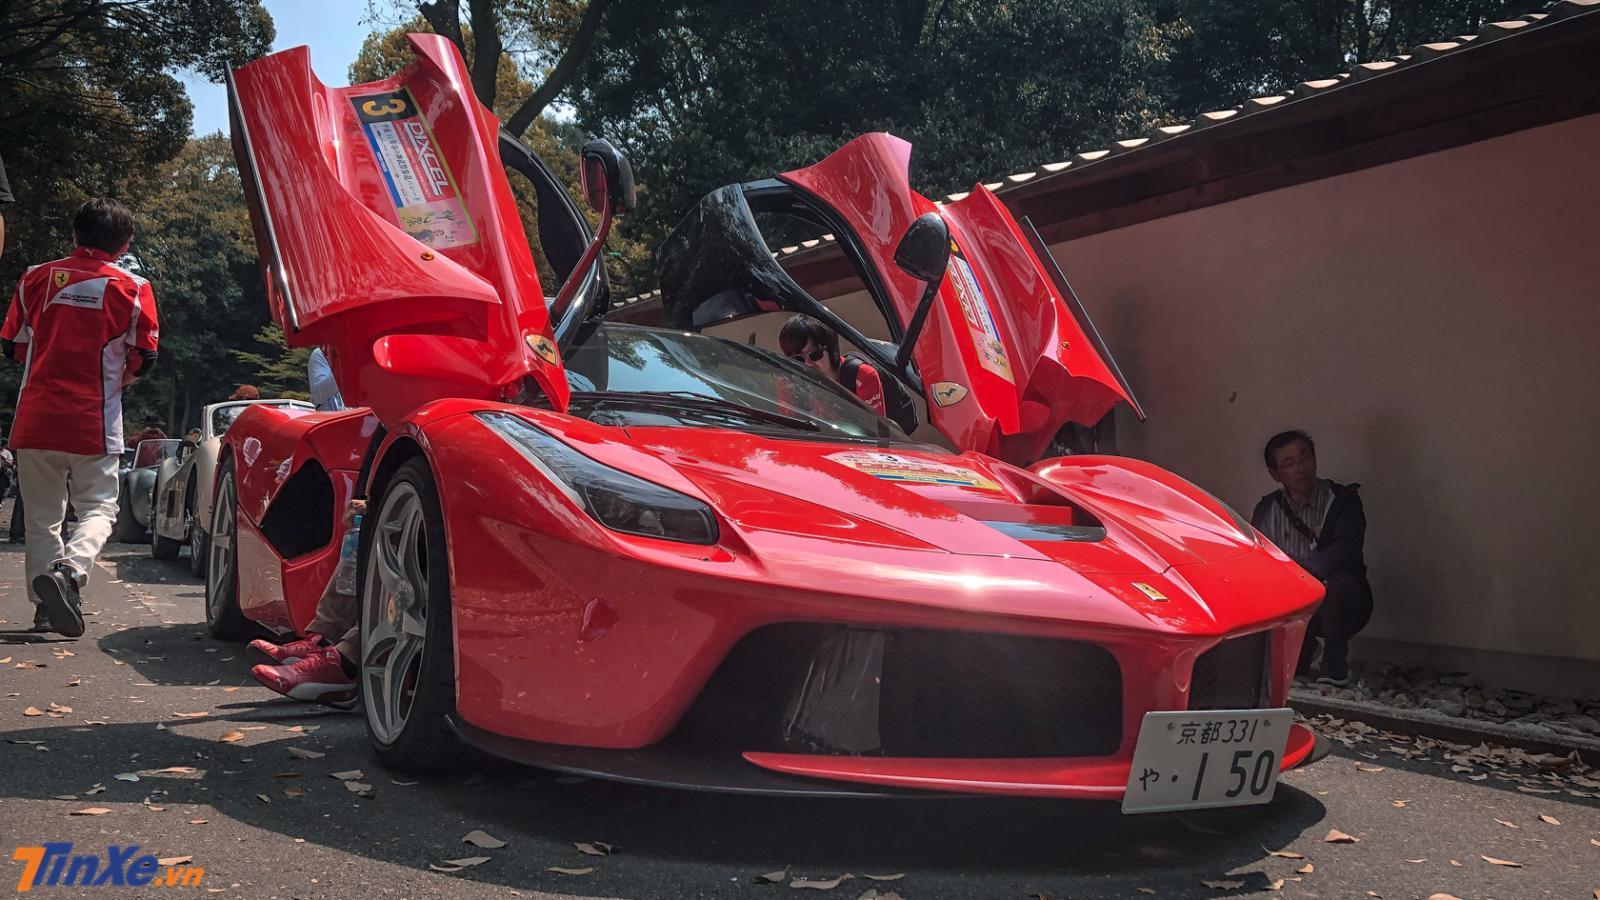 Cận cảnh 1 trong 6 chiếc Ferrari LaFerrari đang có mặt ở Nhật Bản - Hình 2